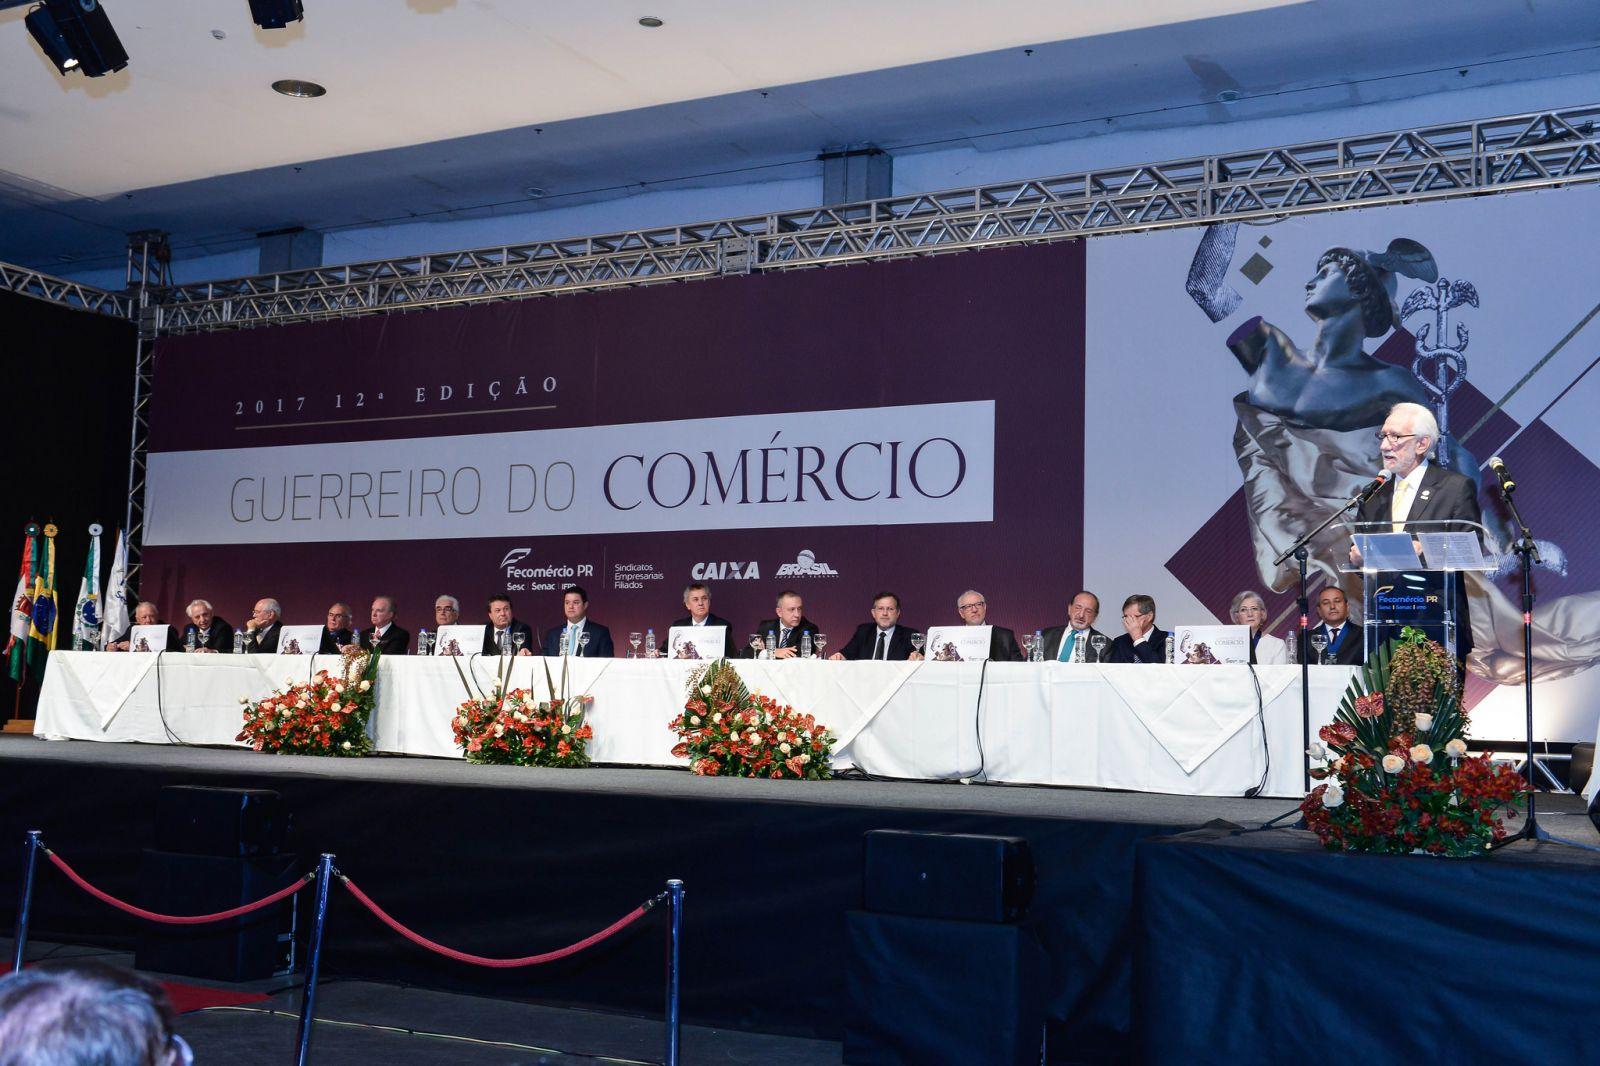 f218b79e8 Em comemoração ao Dia do Comerciante (16 de julho), a Federação do Comércio  de Bens, Serviços e Turismo do Paraná (Fecomércio PR) promoveu na  sexta-feira à ...